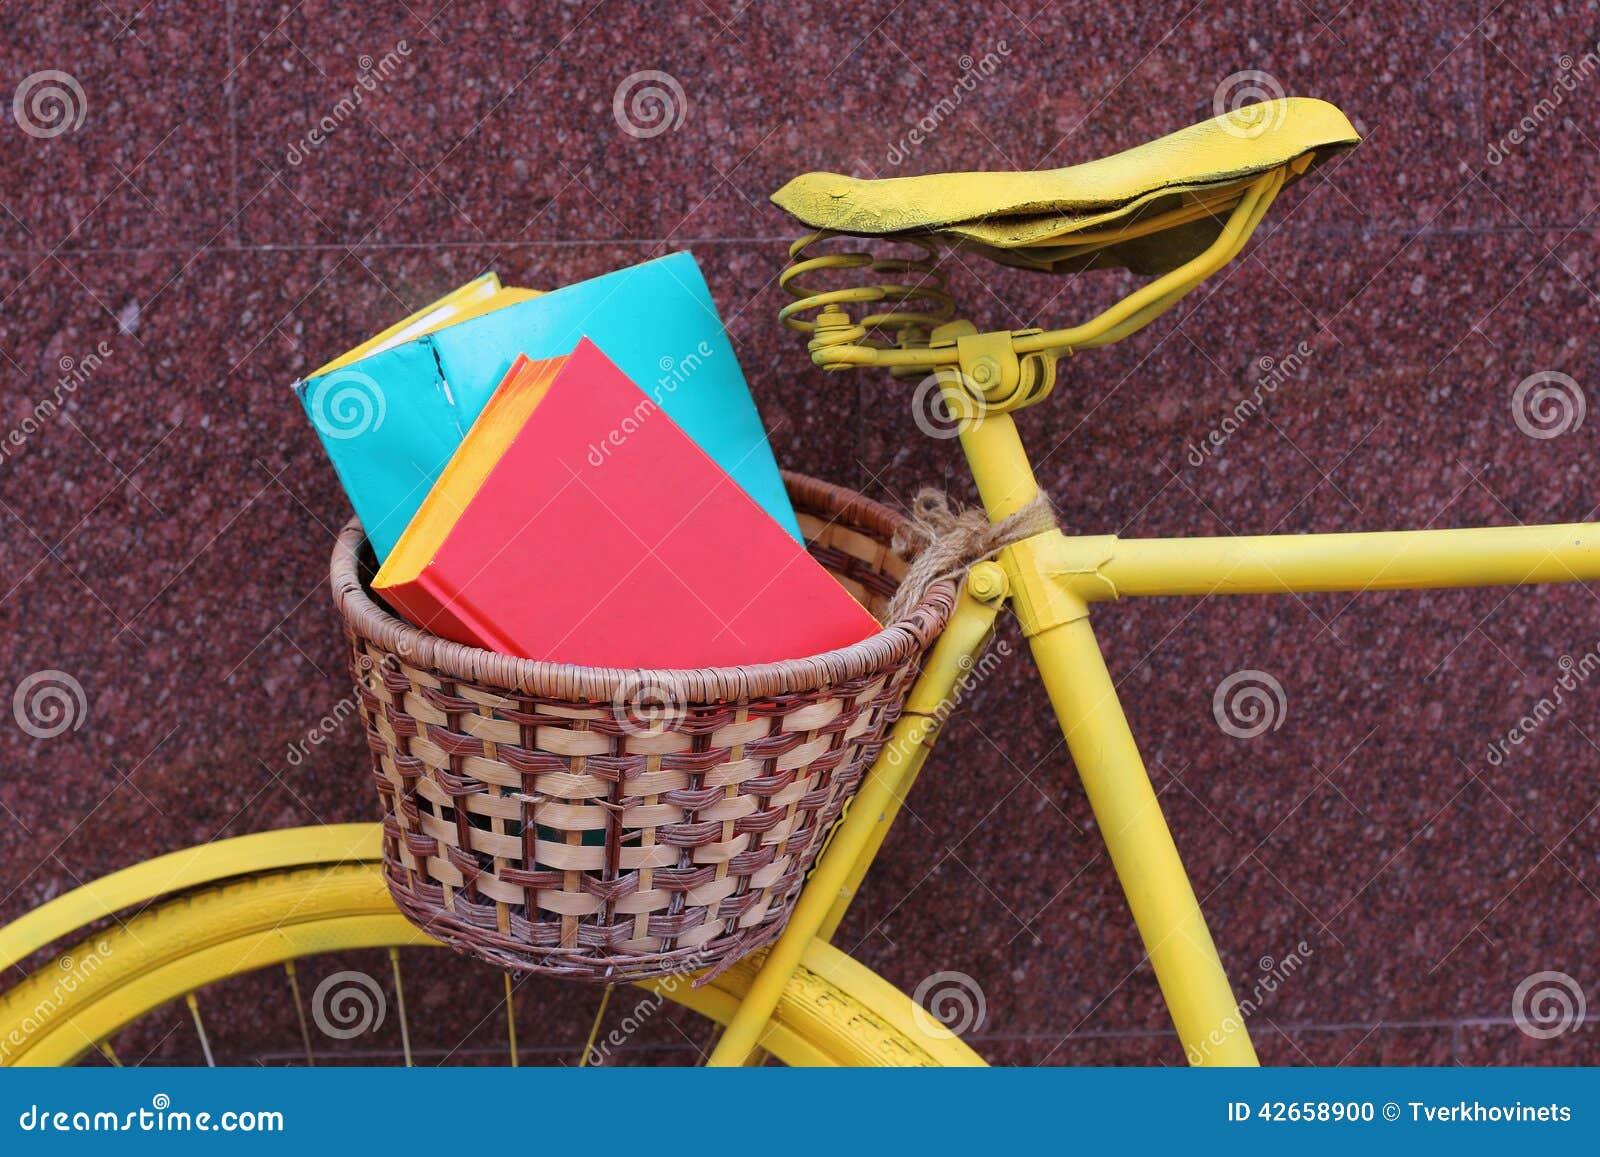 Велосипед книга